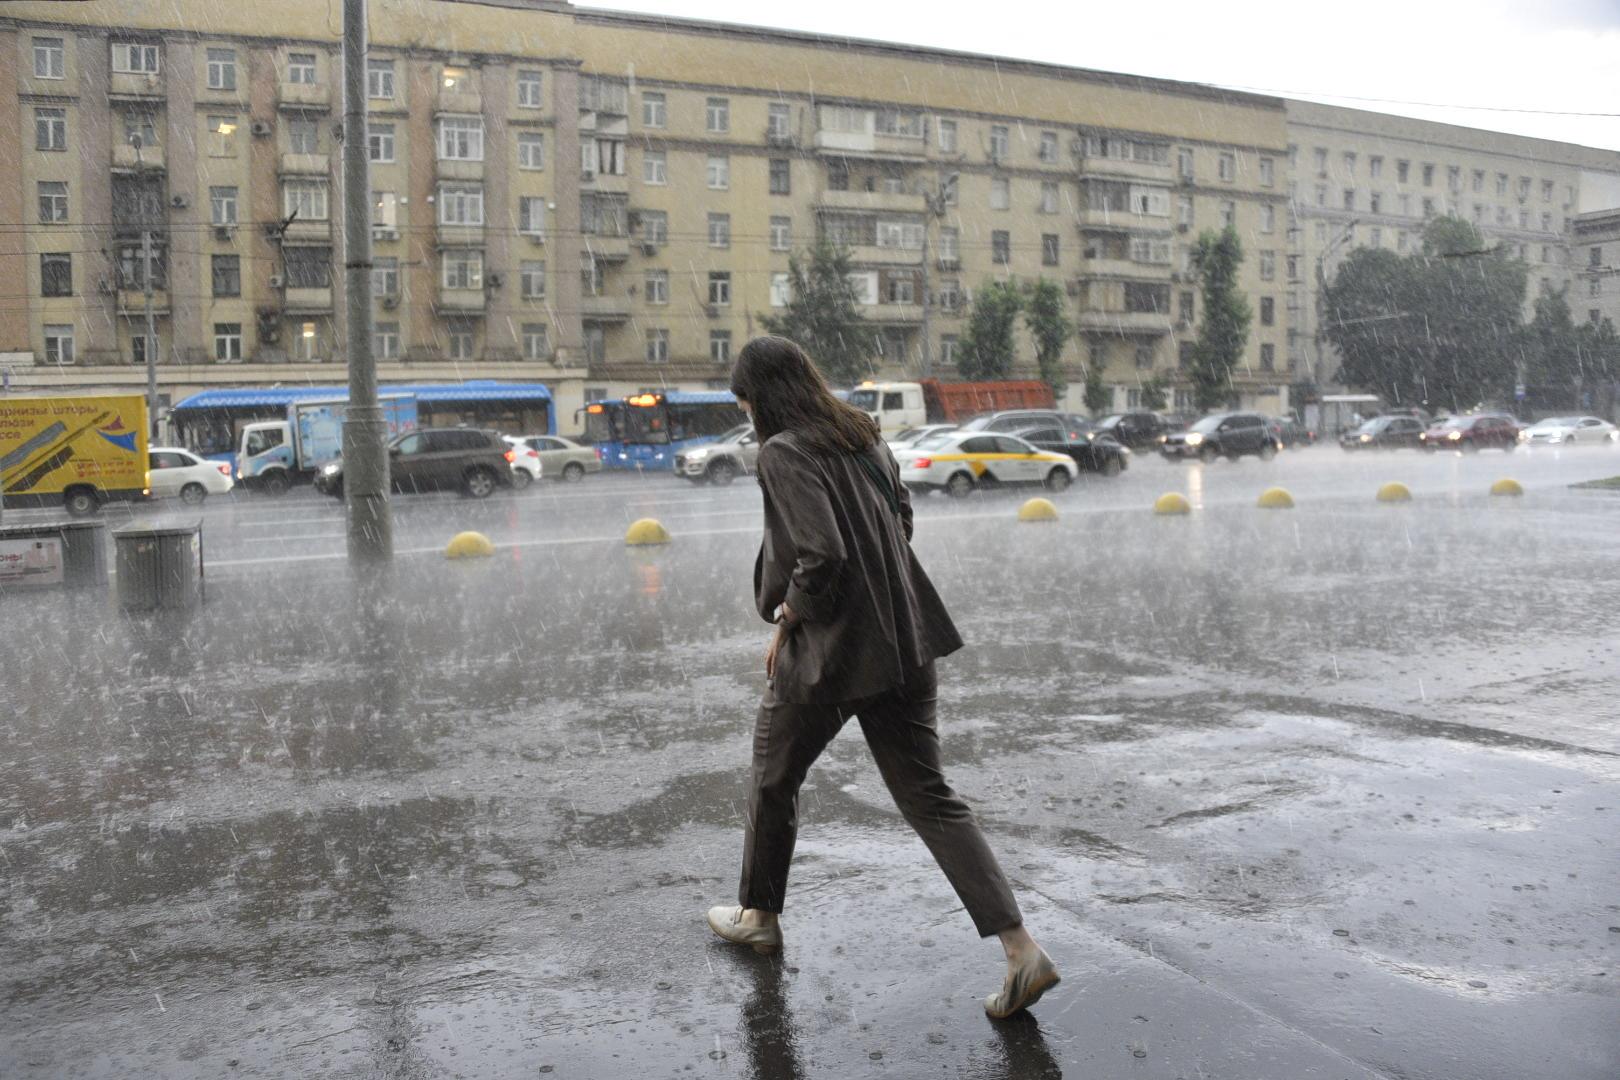 Апрель 2021 года стал занял третье место в топе самых дождливых месяцев за 70 лет